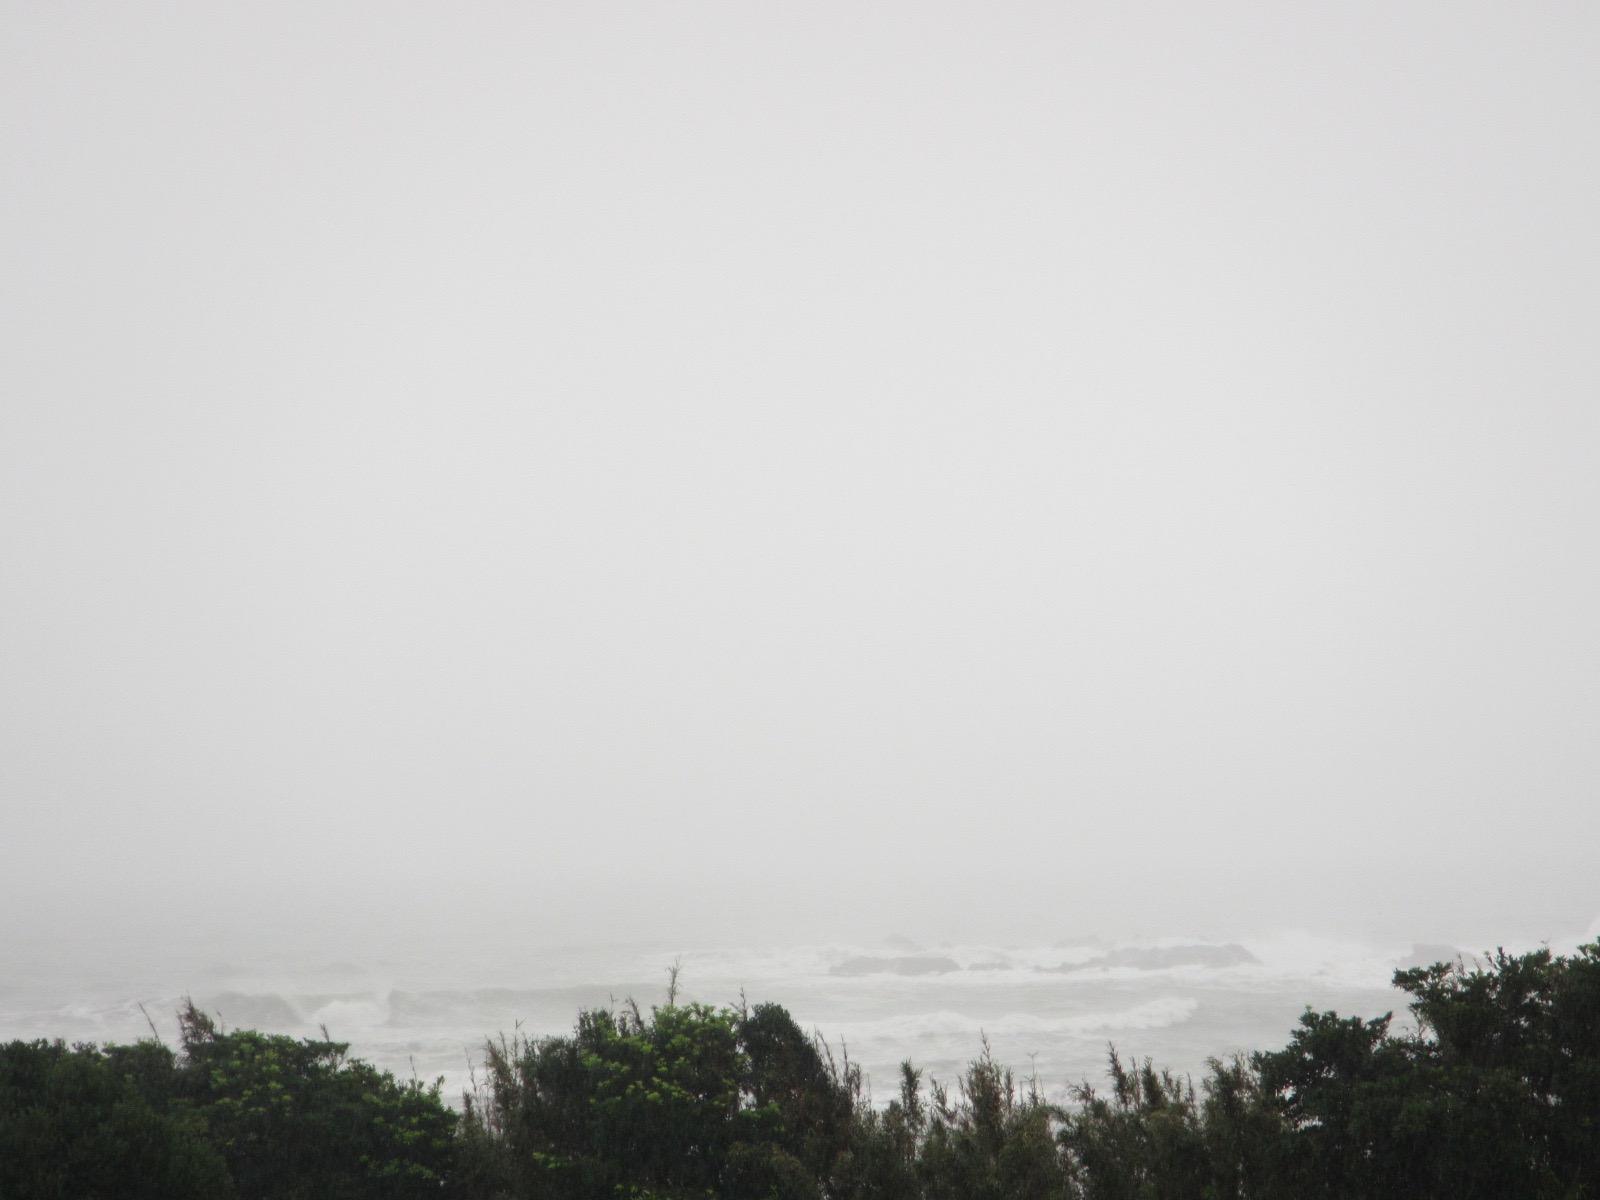 台風 - 1